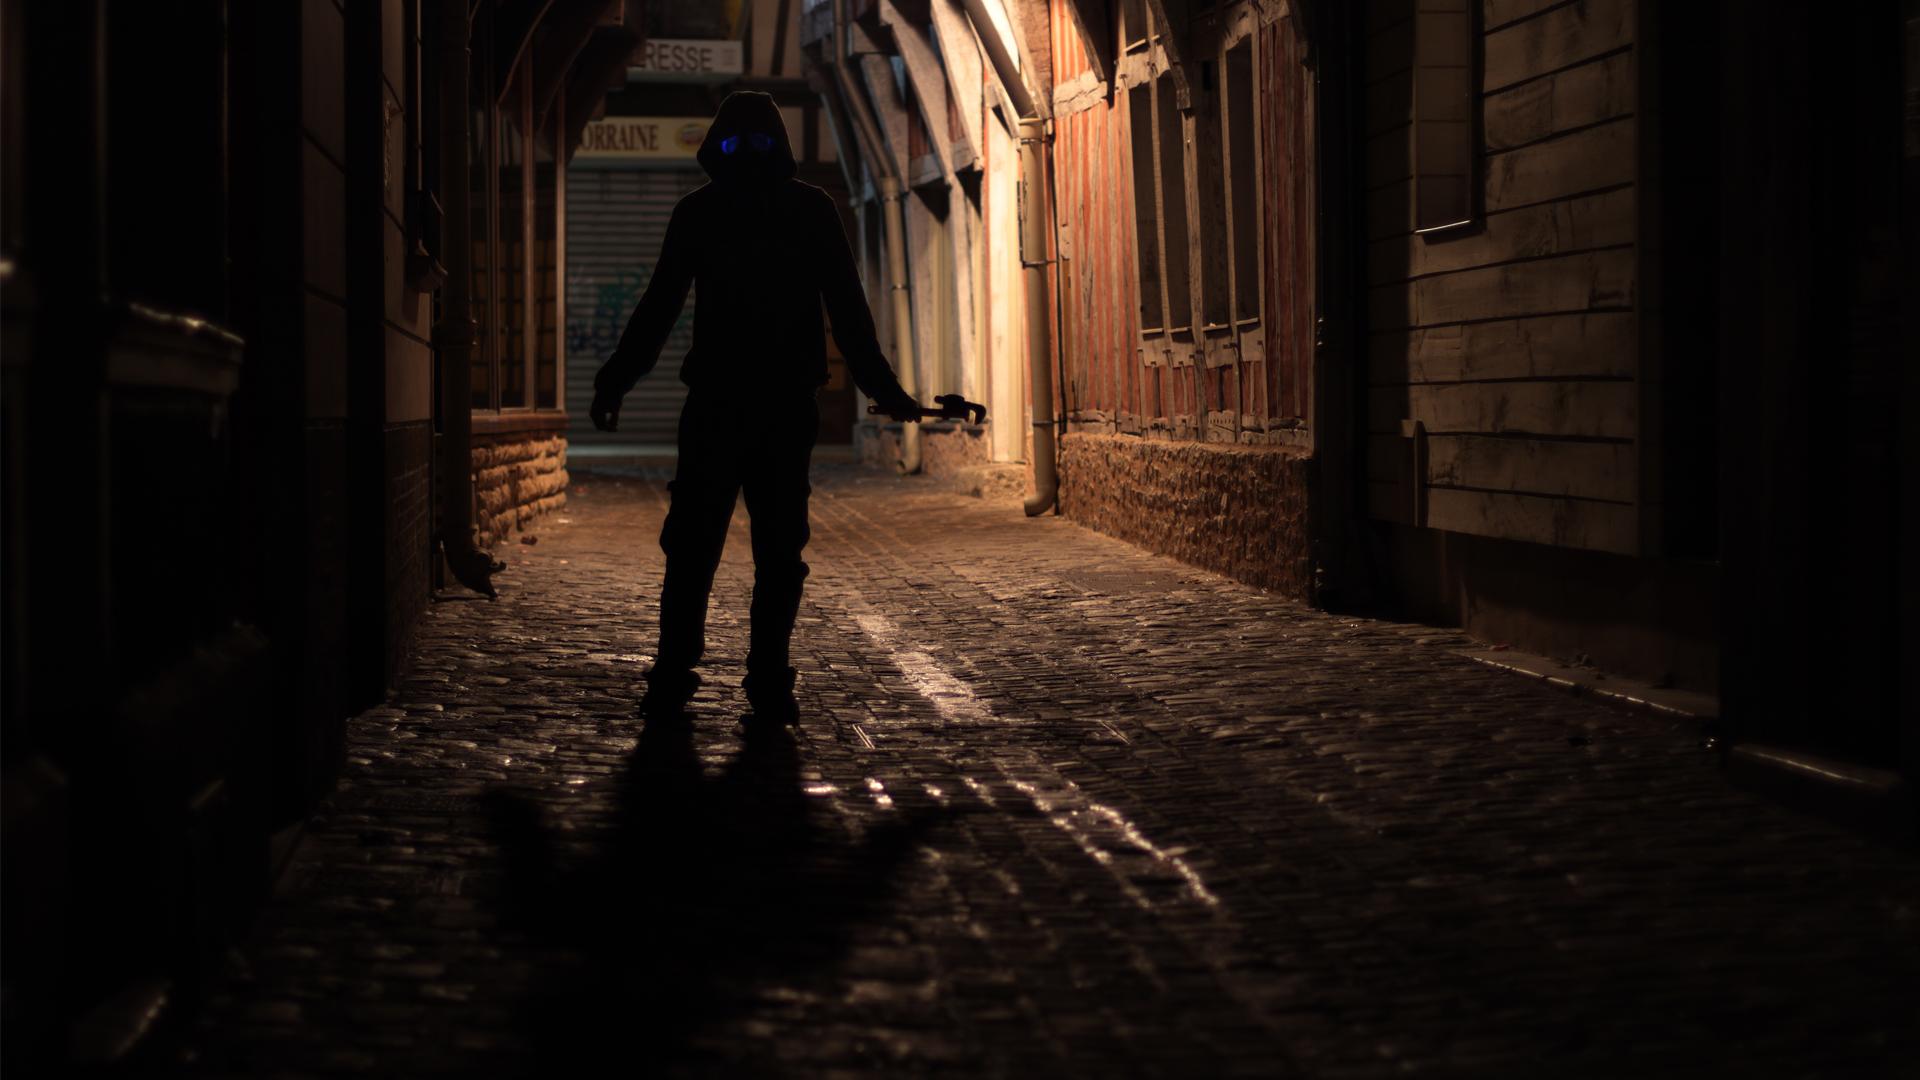 картинки улицы ночью пацаны если навредит, желающие